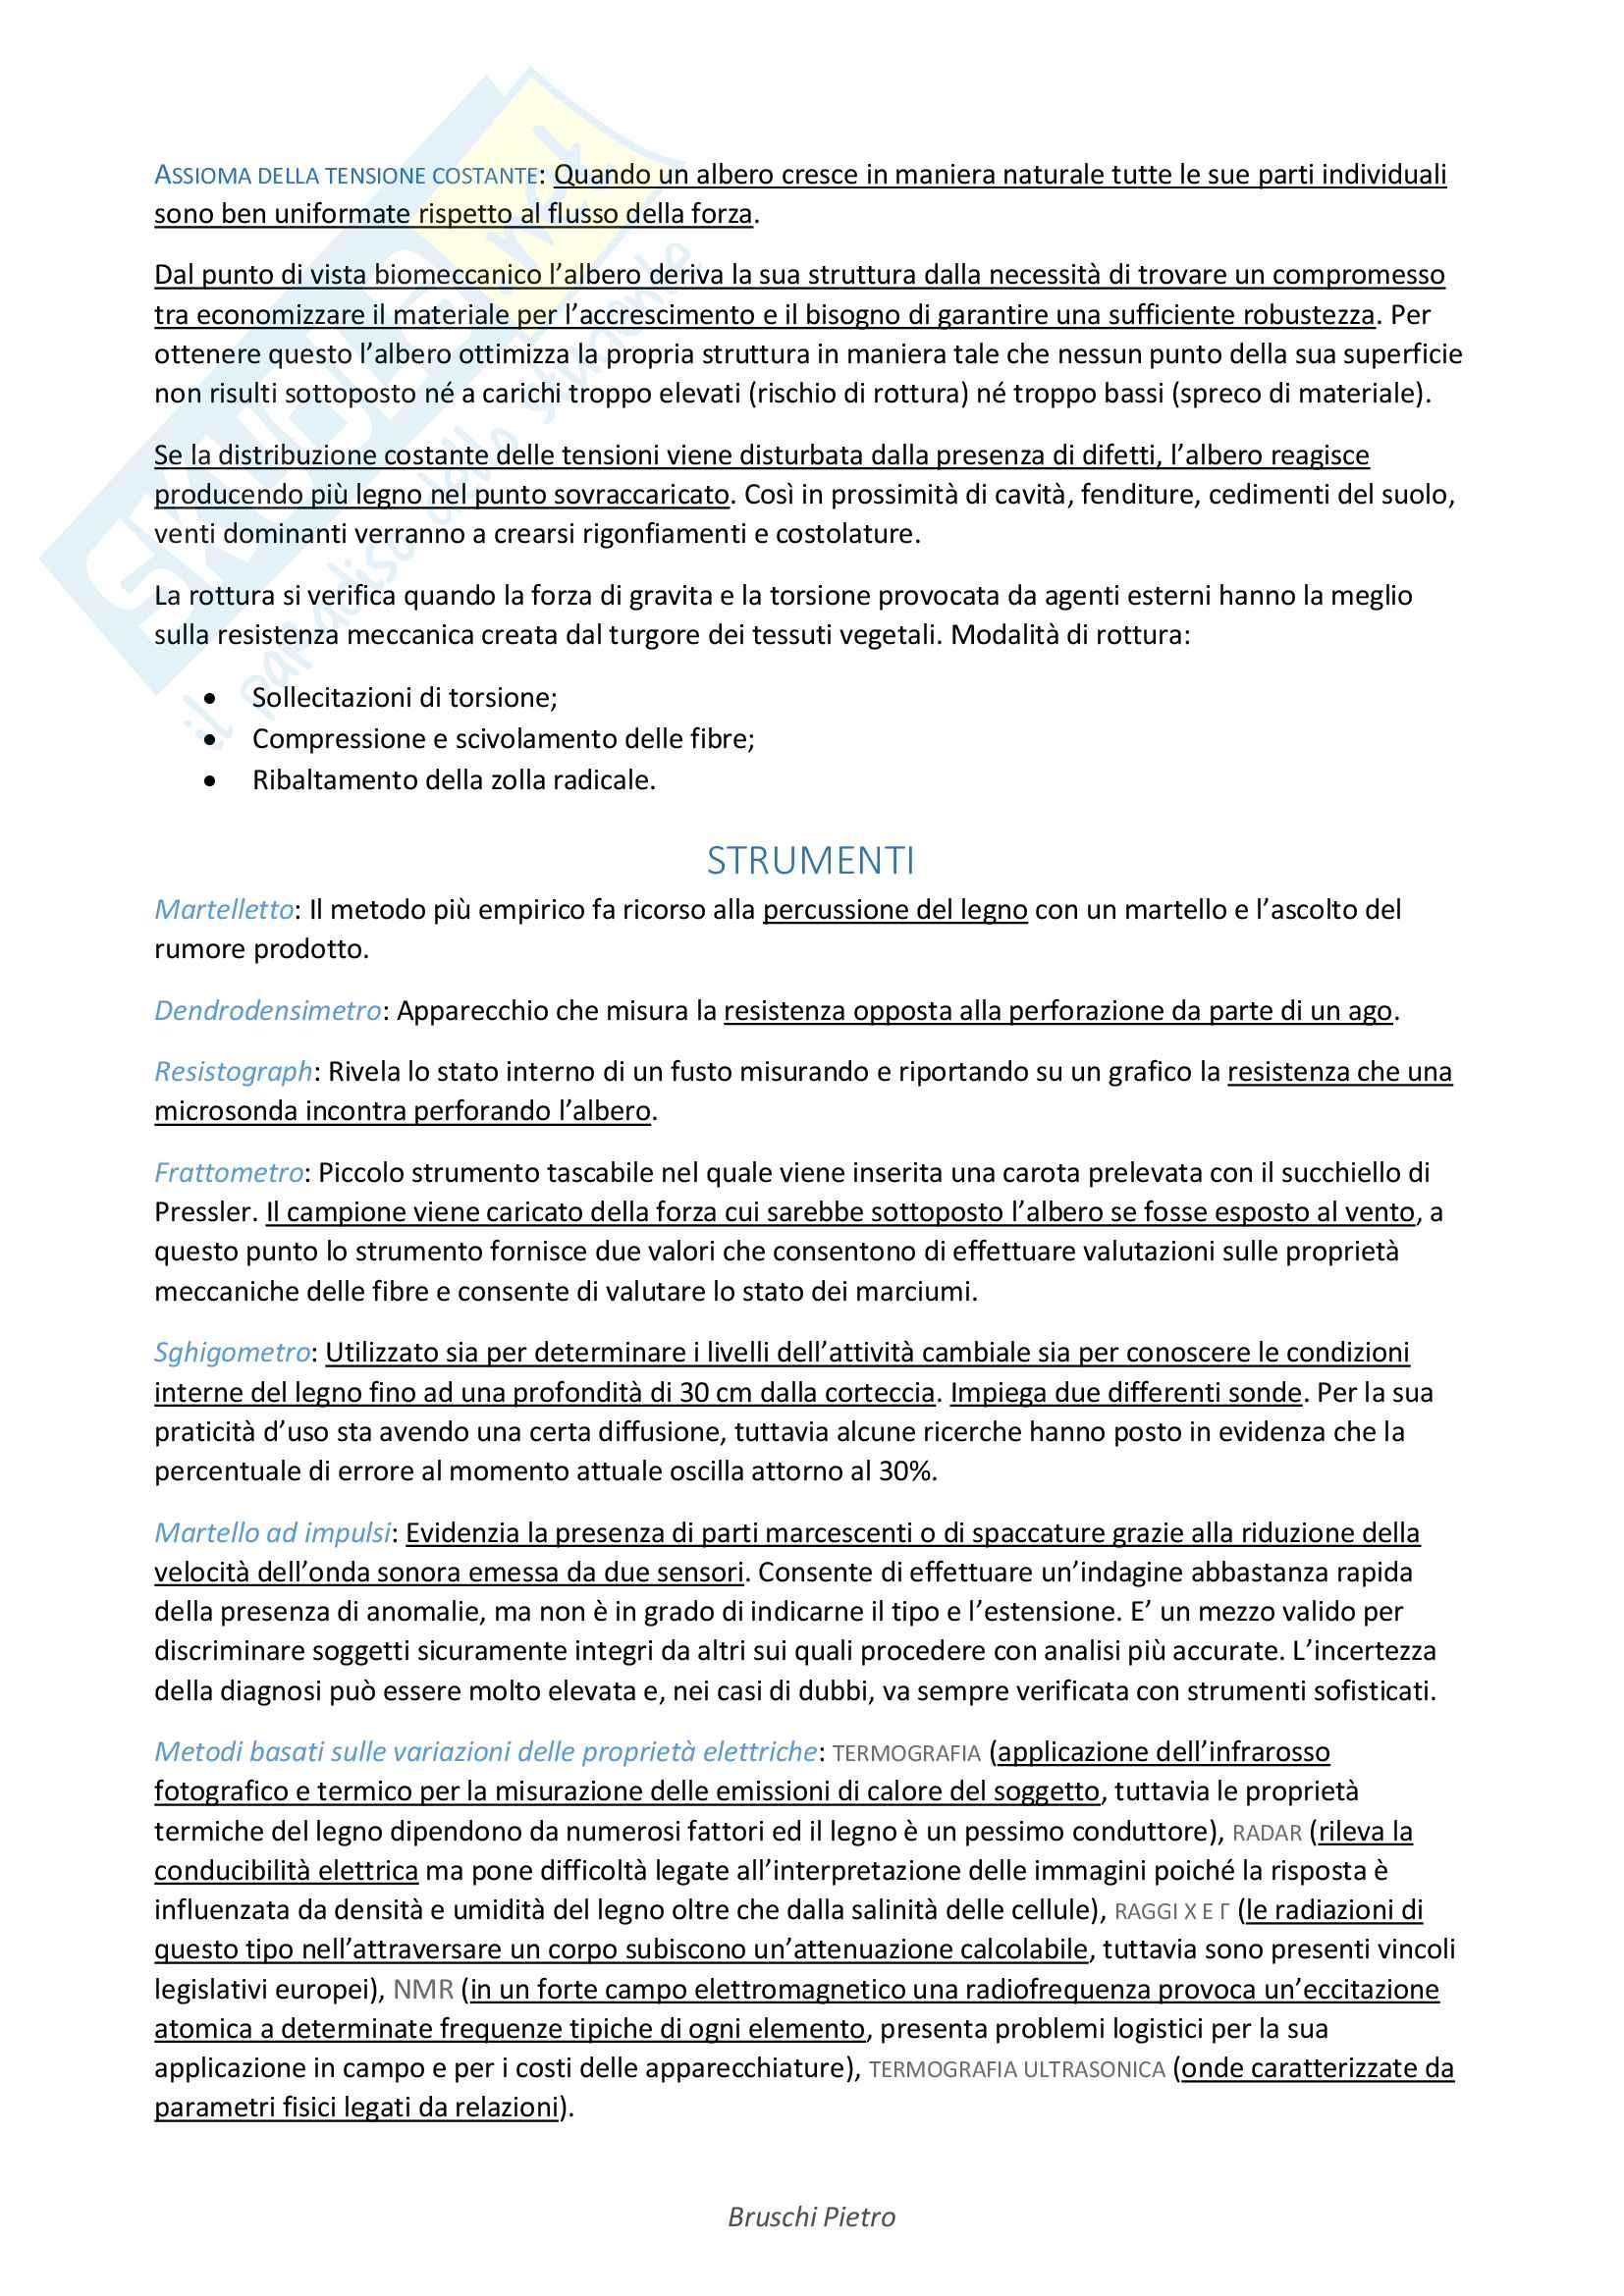 Riassunto Arboricoltura Ornamentale - Impianto e Gestione Pag. 21